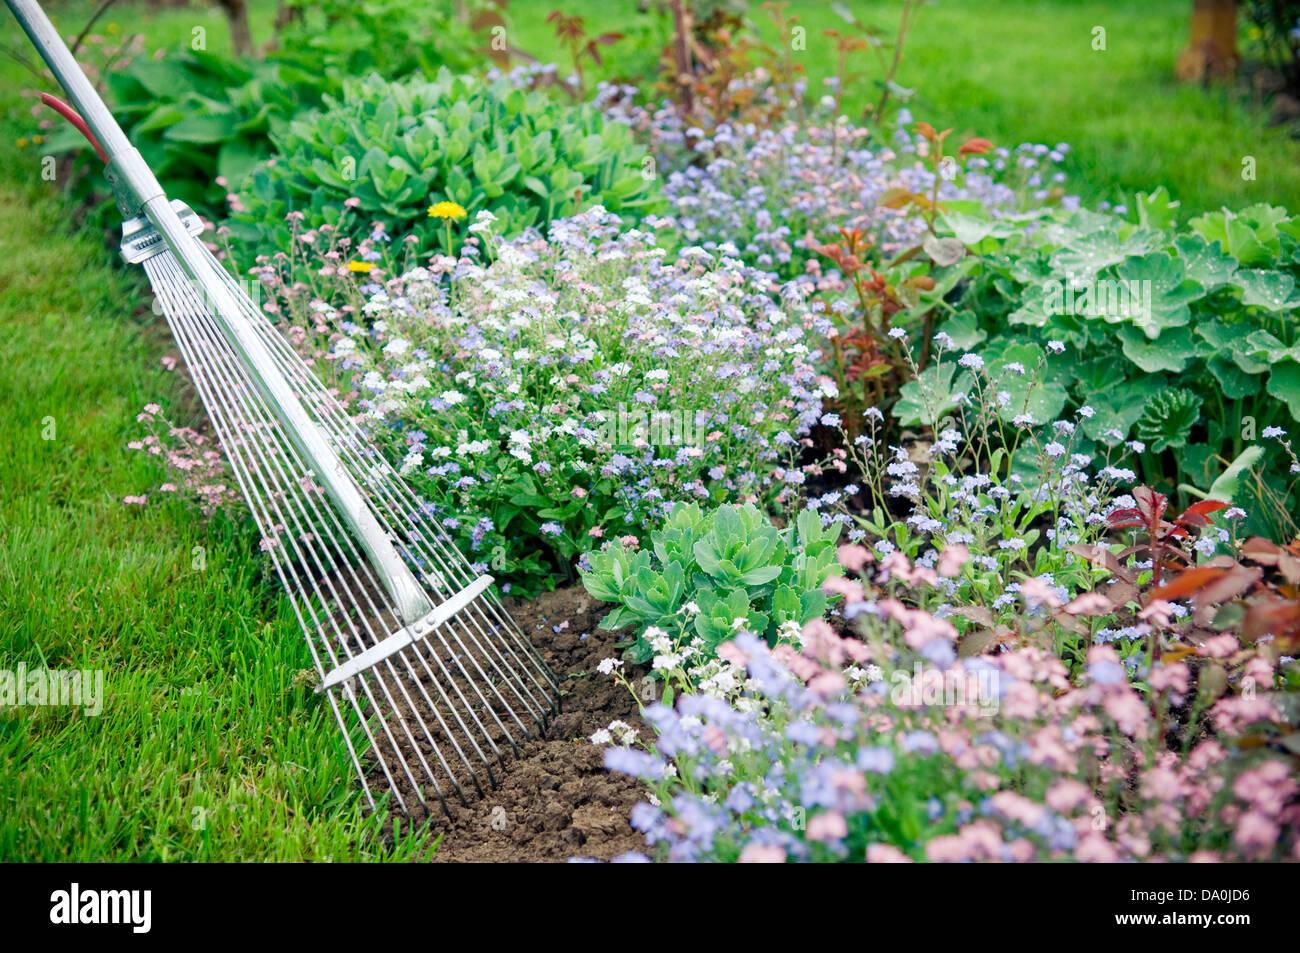 Détail de jardinage avec râteau fane Banque D'Images